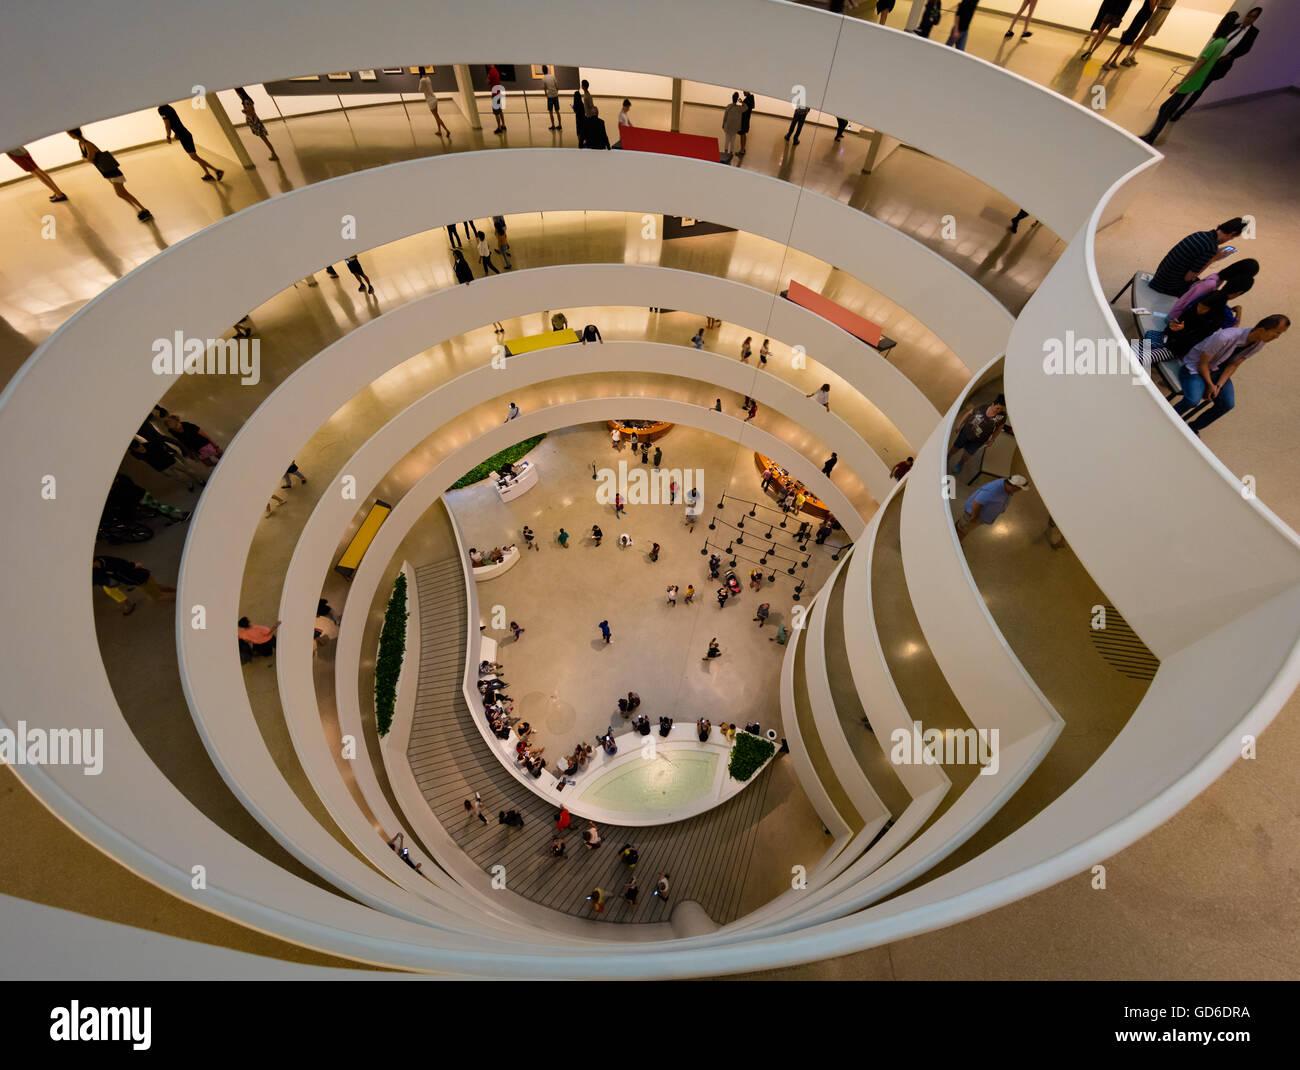 Le Musée Solomon R. Guggenheim est un musée d'art situé à New York City Banque D'Images